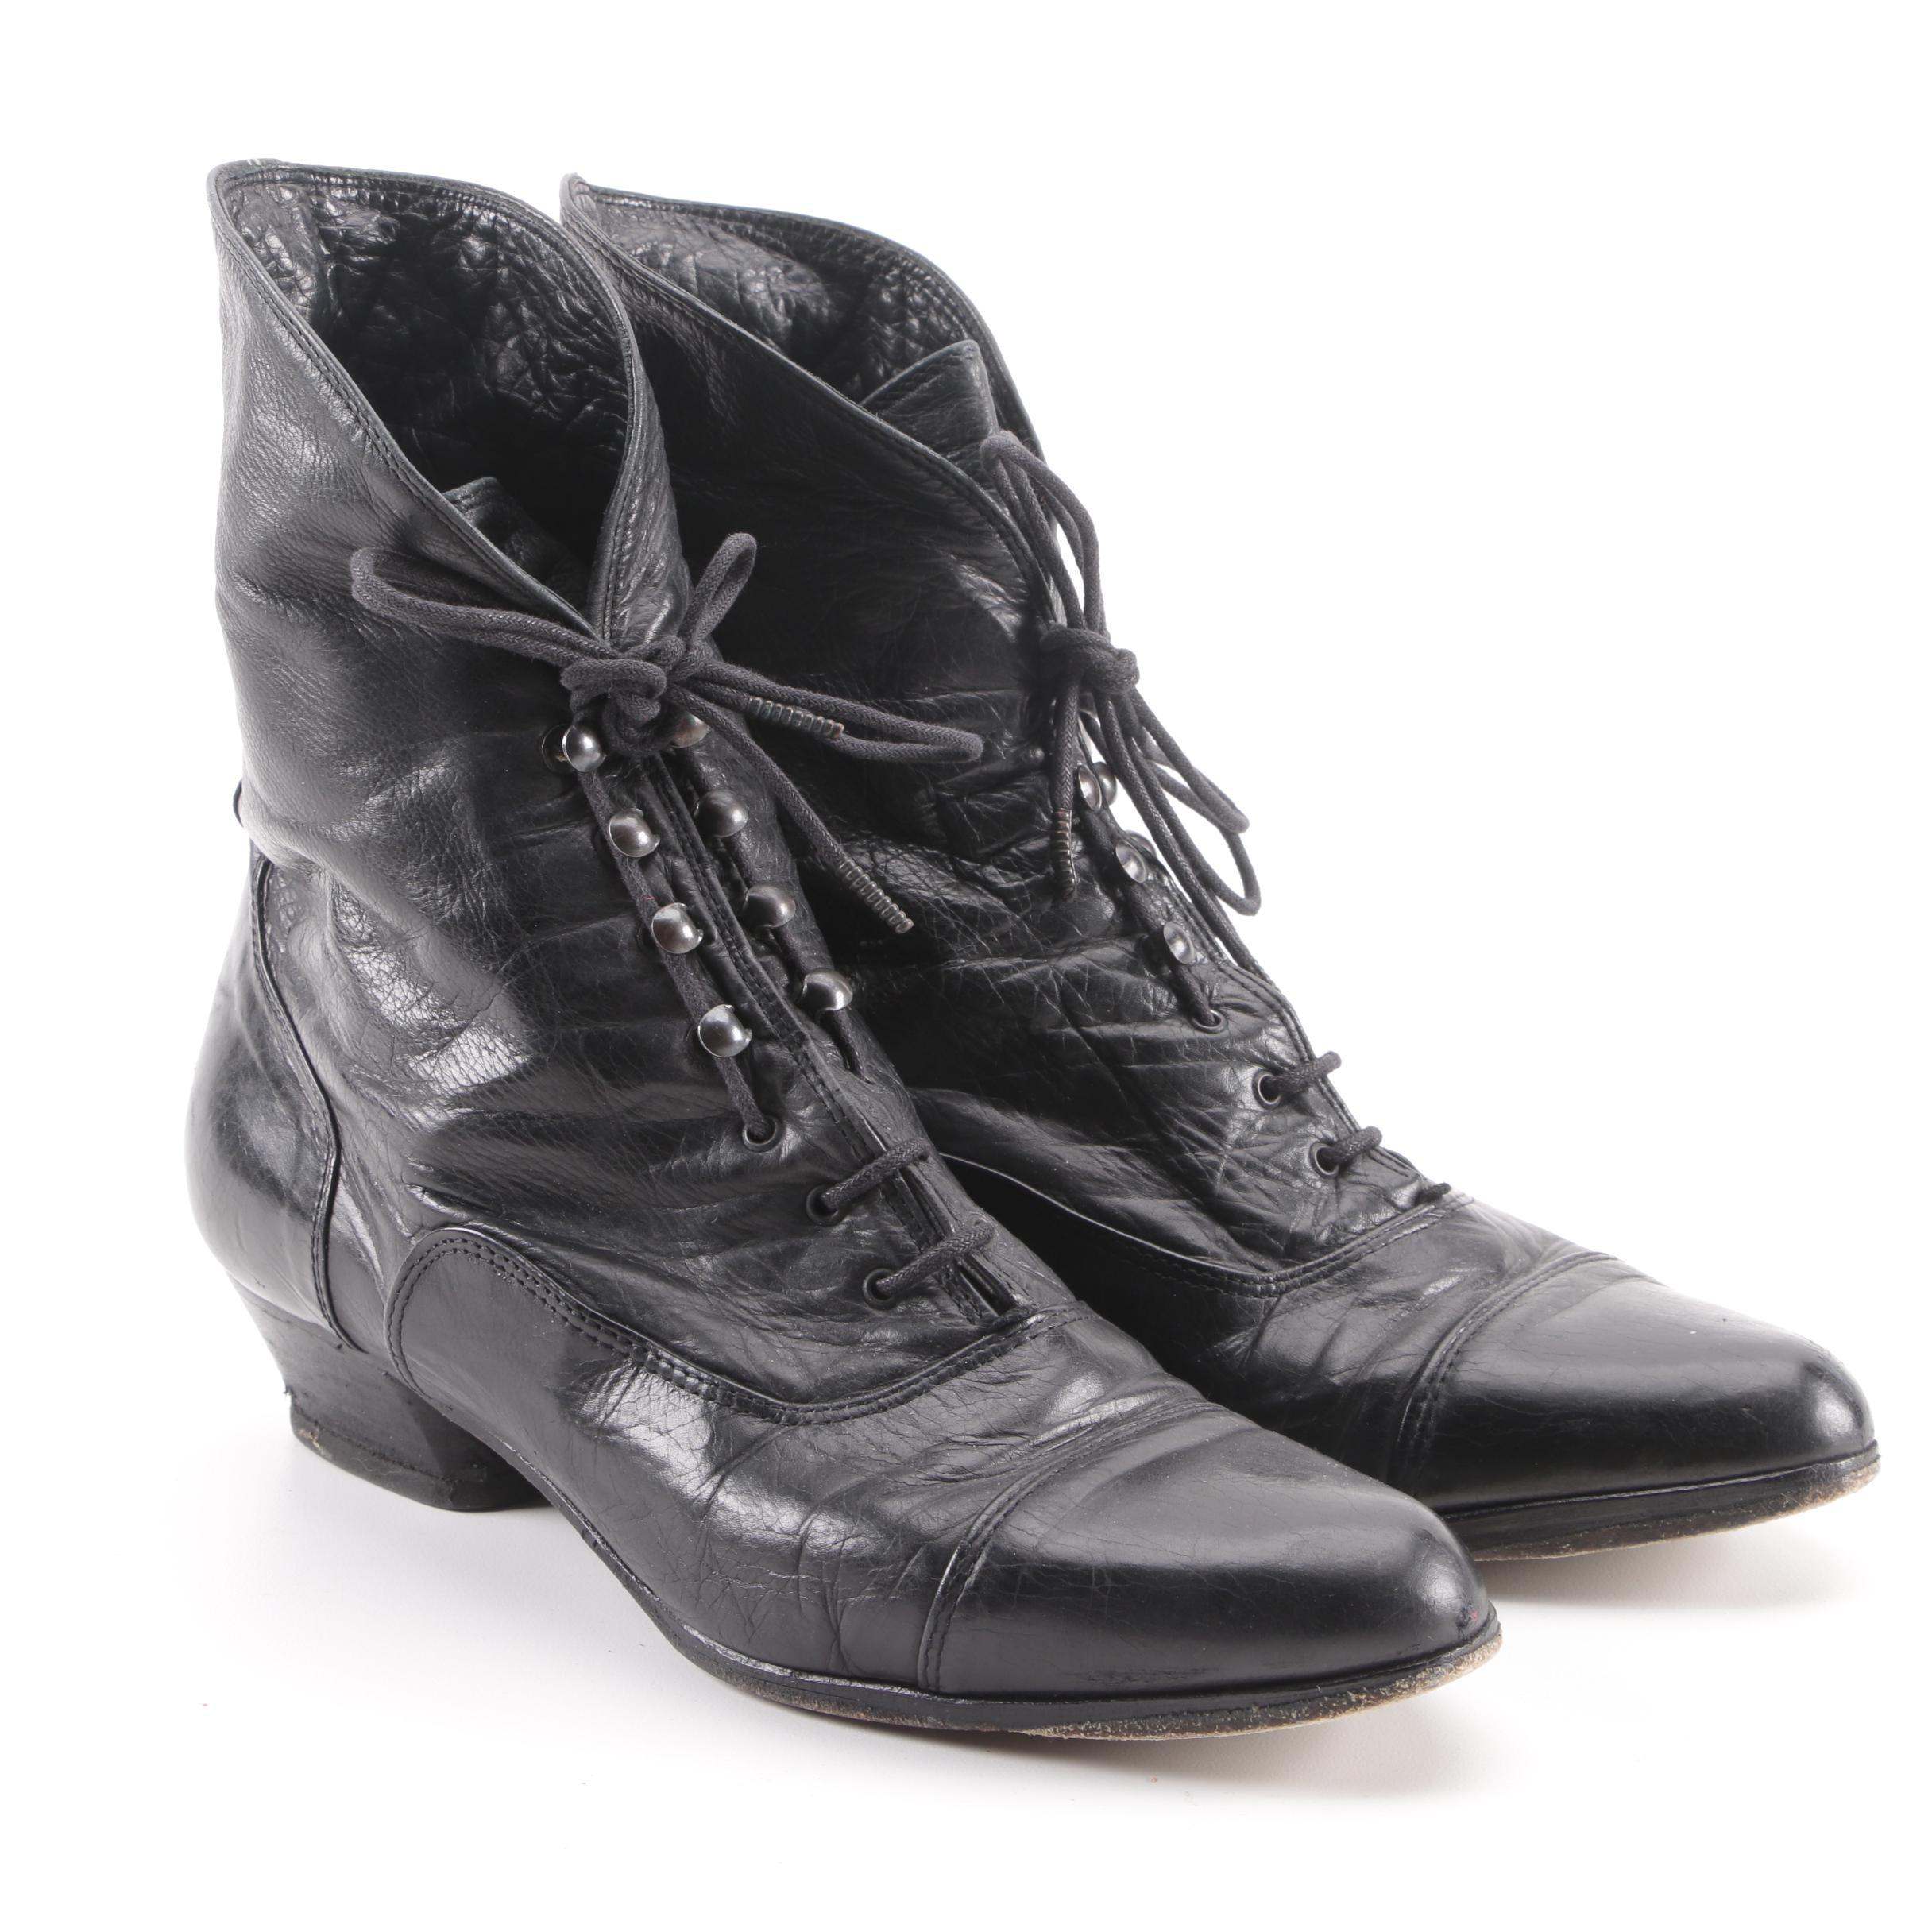 Holt Renfrew Black Leather Lace-Up Boots